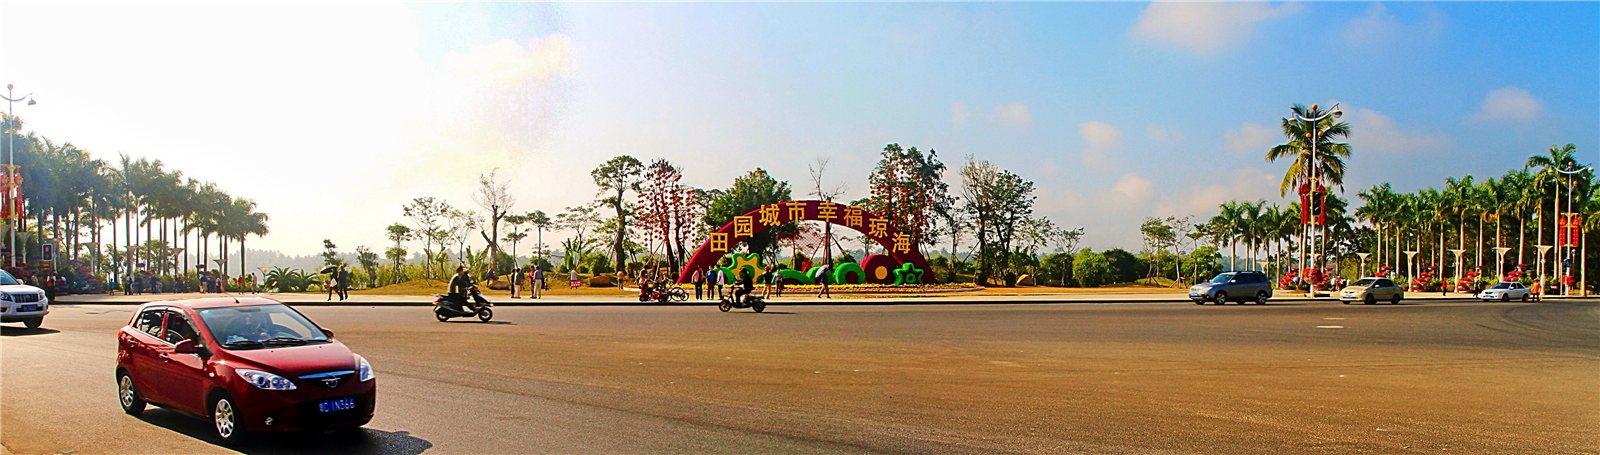 琼海万泉河畔音乐喷泉广场